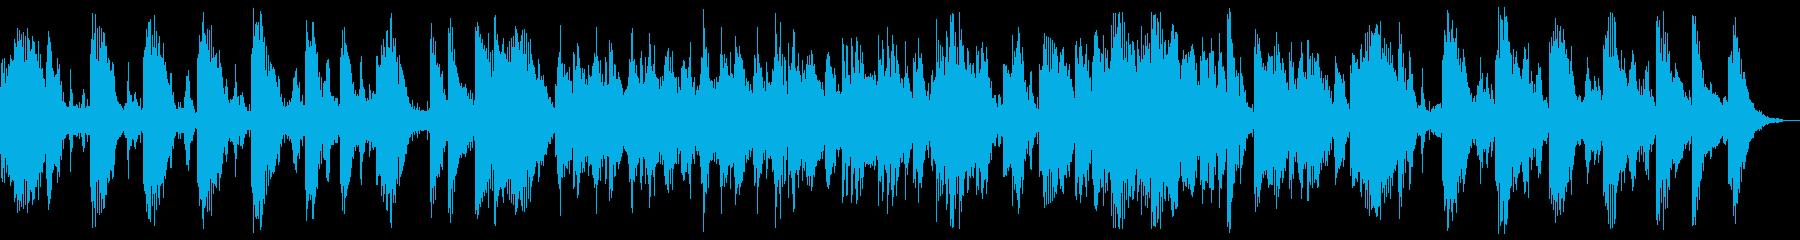 響きが綺麗でファンタジーなメロディーの再生済みの波形